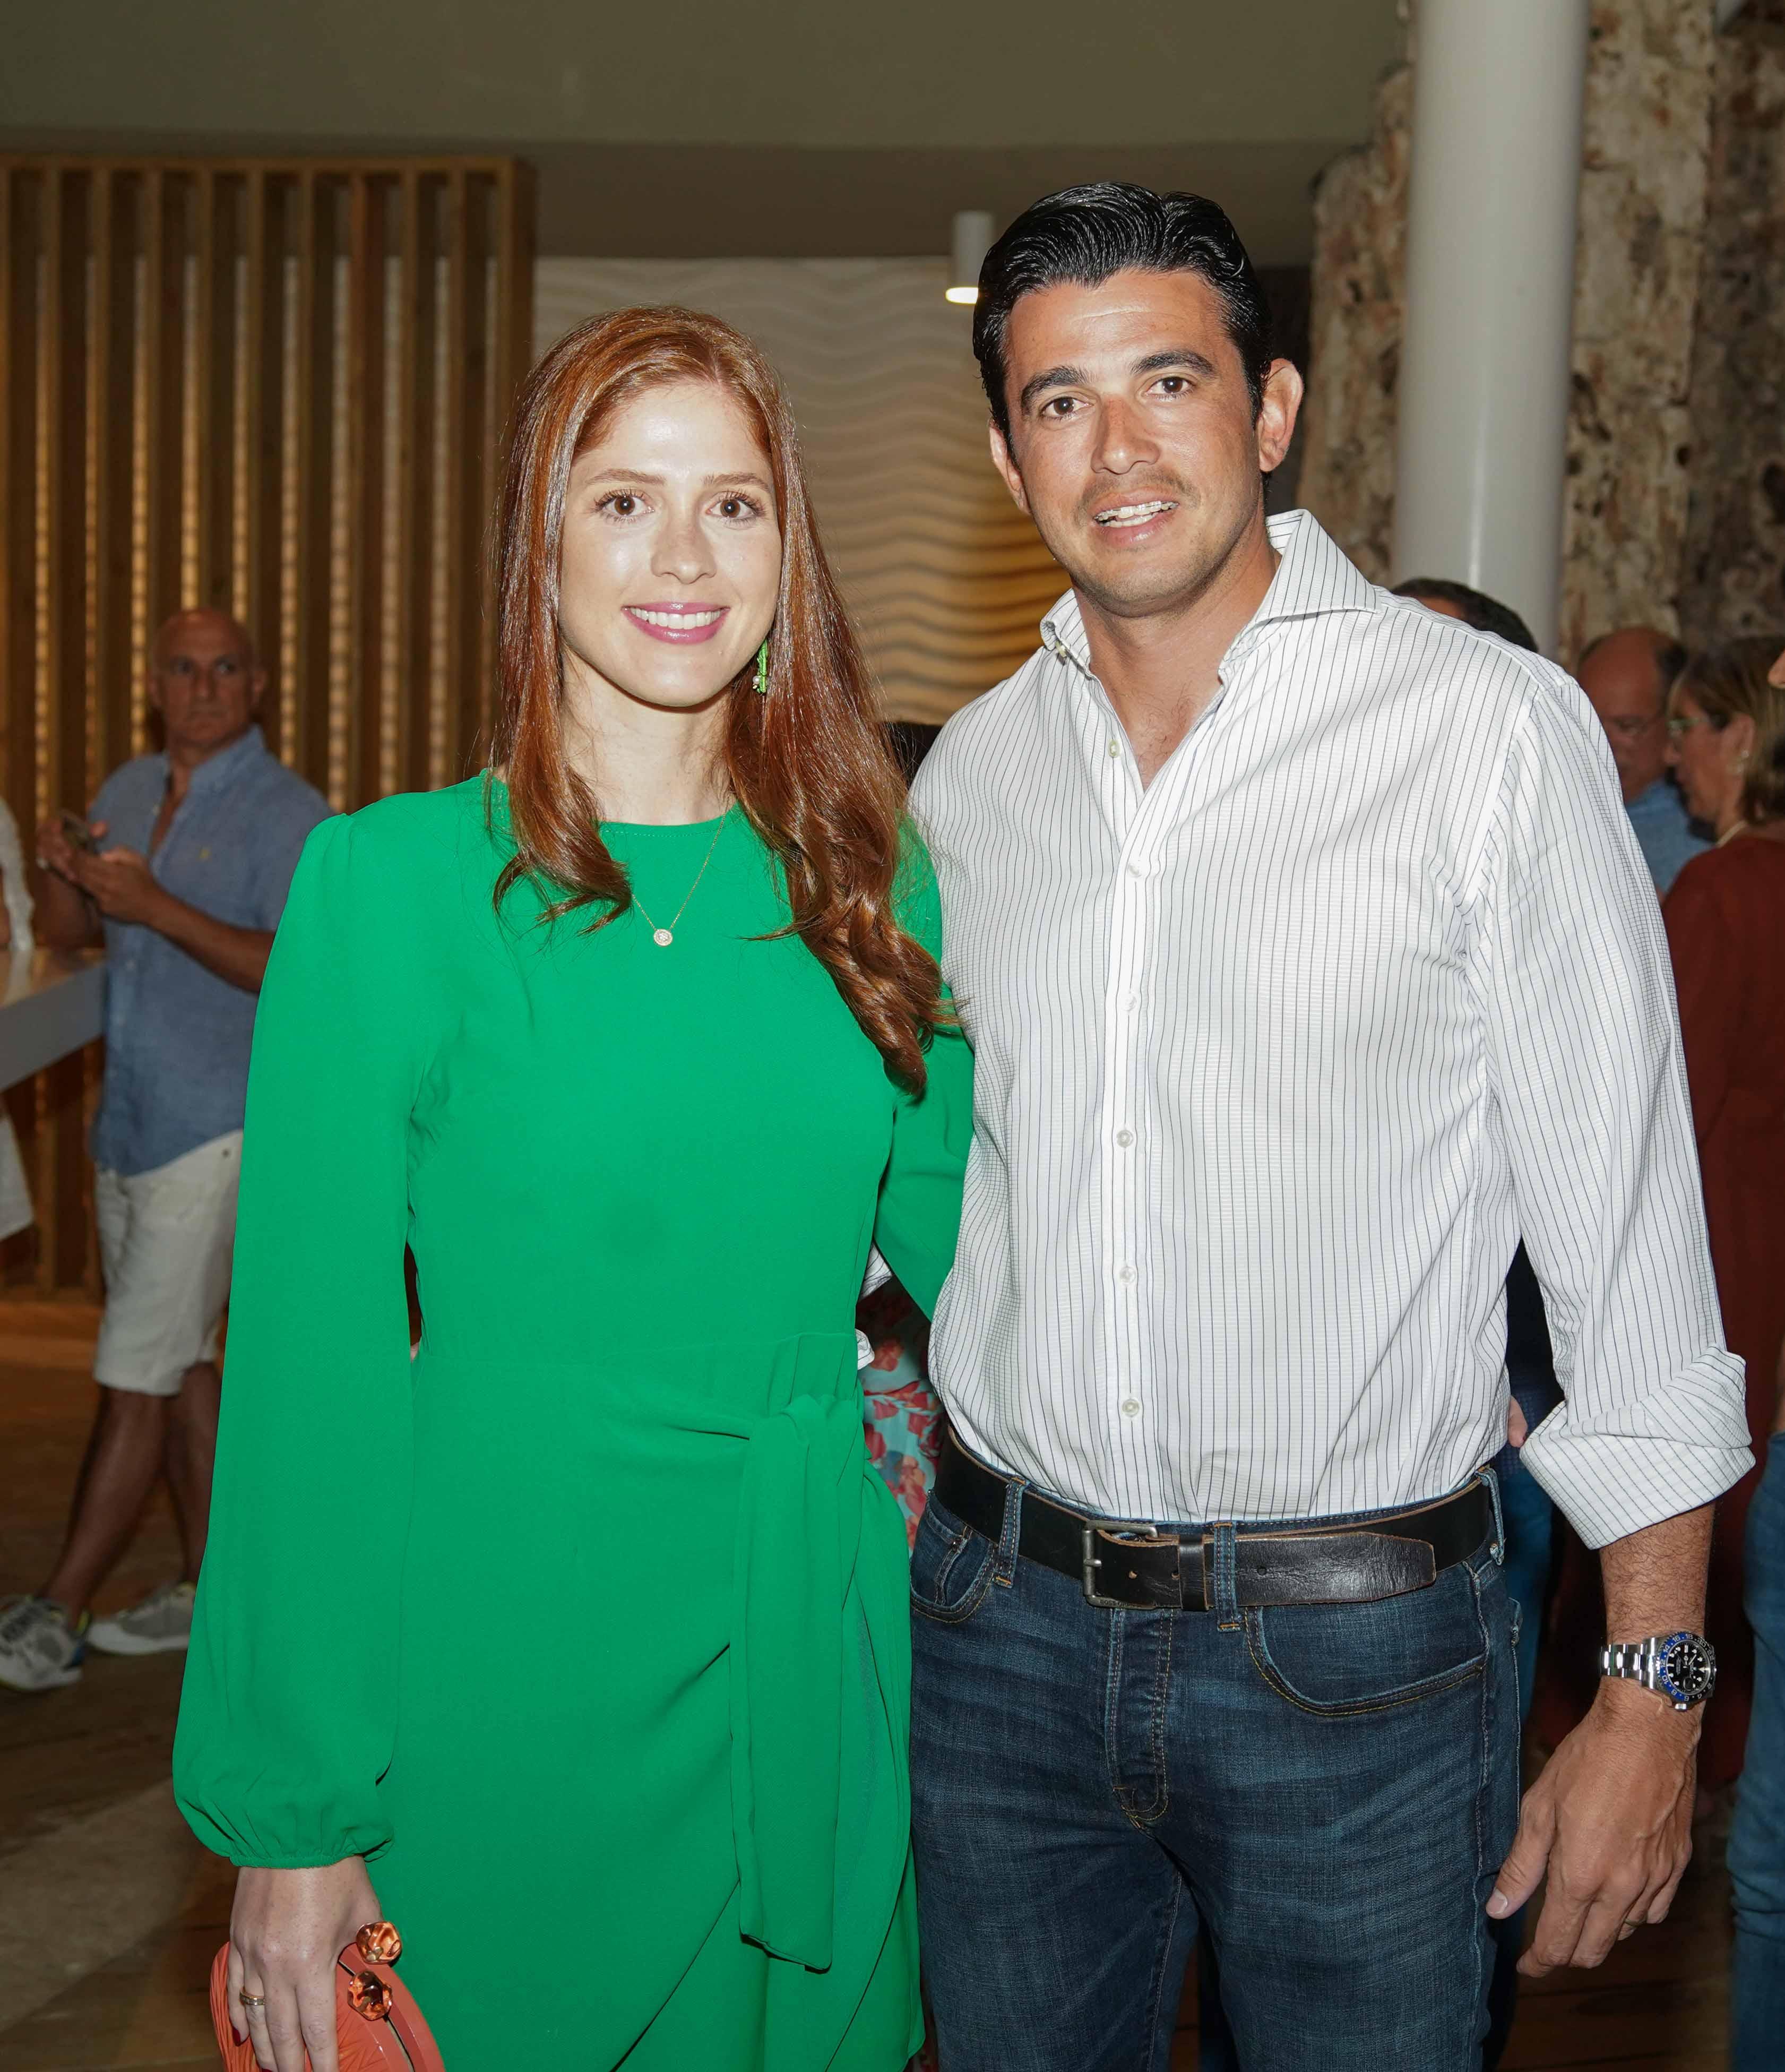 11- Paula Abreu y Luis Villanueva